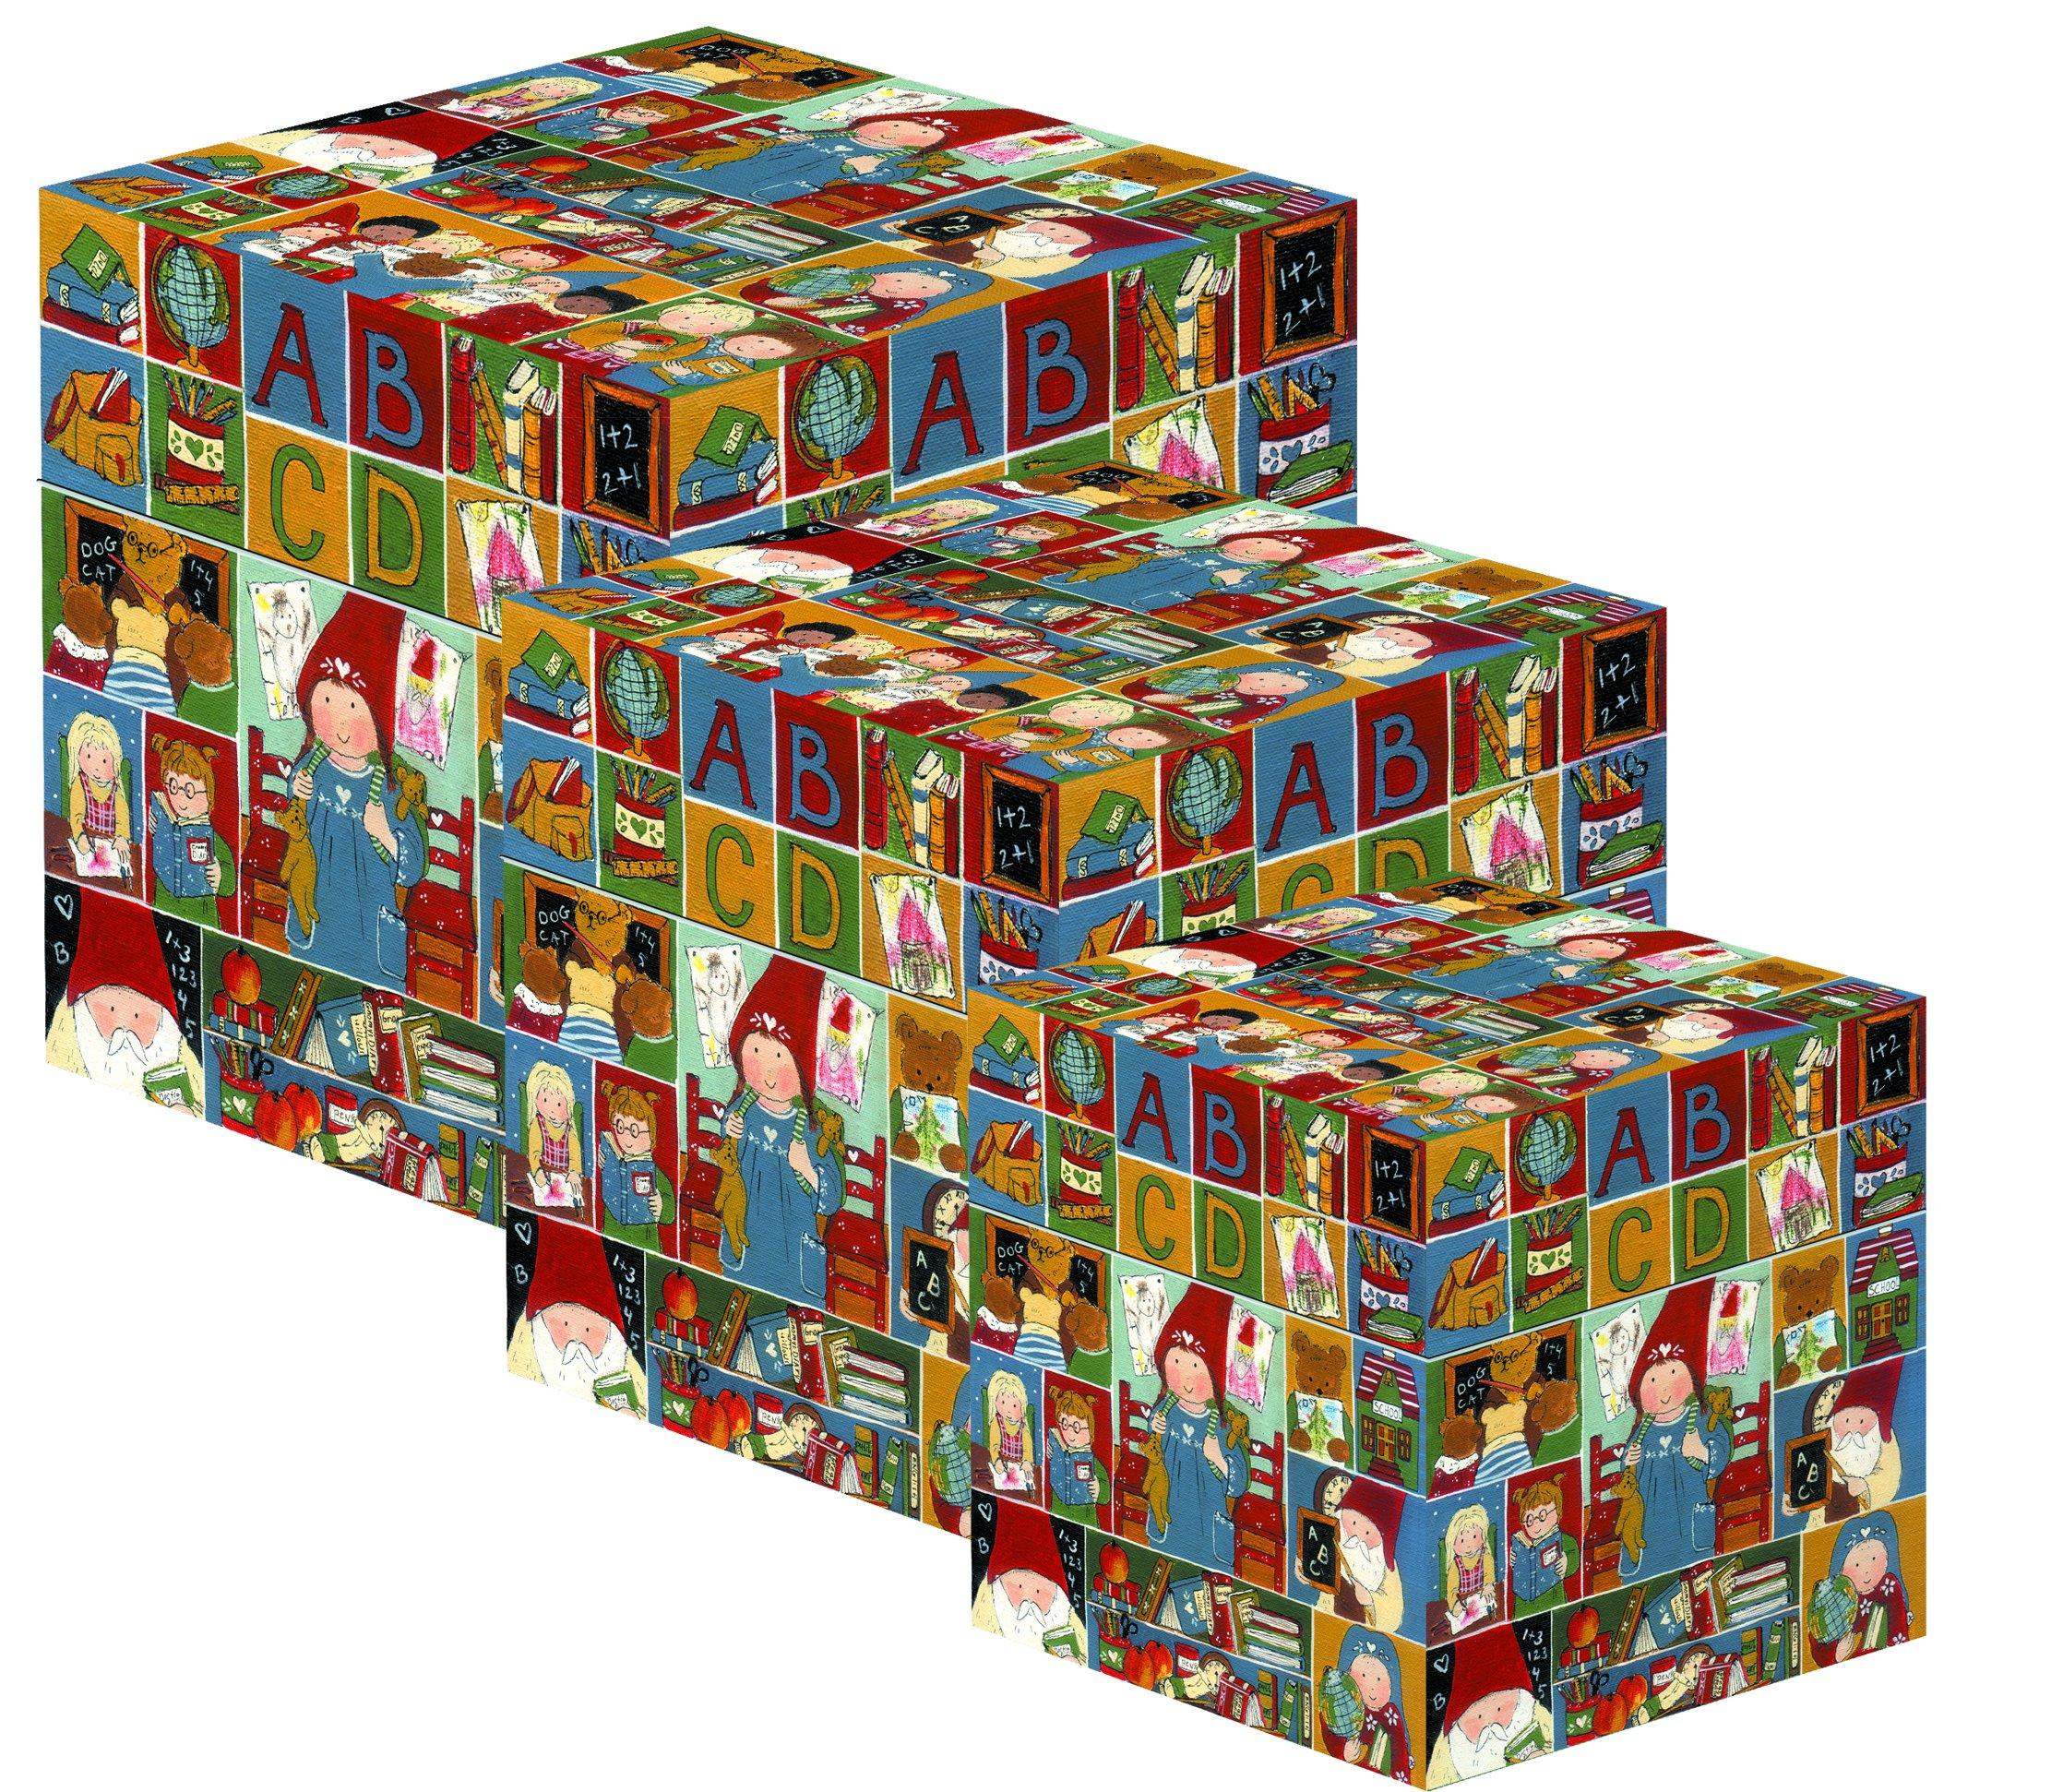 Gnomys Diaries Primer Día De Cole Set de Cajas, Cartón, Multicolor, 13x13x13 cm, 3 Unidades: Amazon.es: Hogar